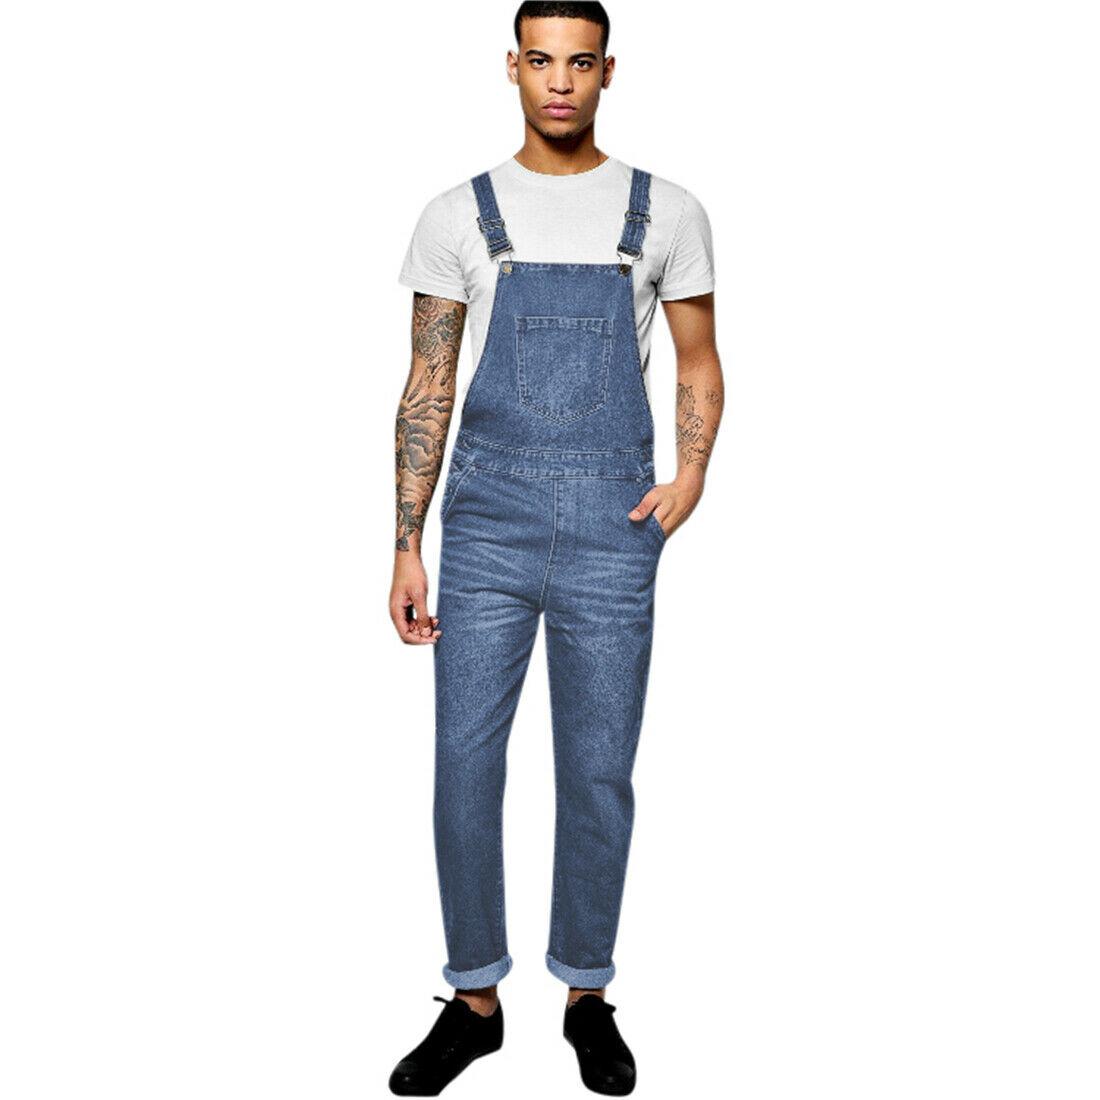 Mens Stonewash Blue Designer Denim Dungarees Dungaree Jeans Bib Overalls